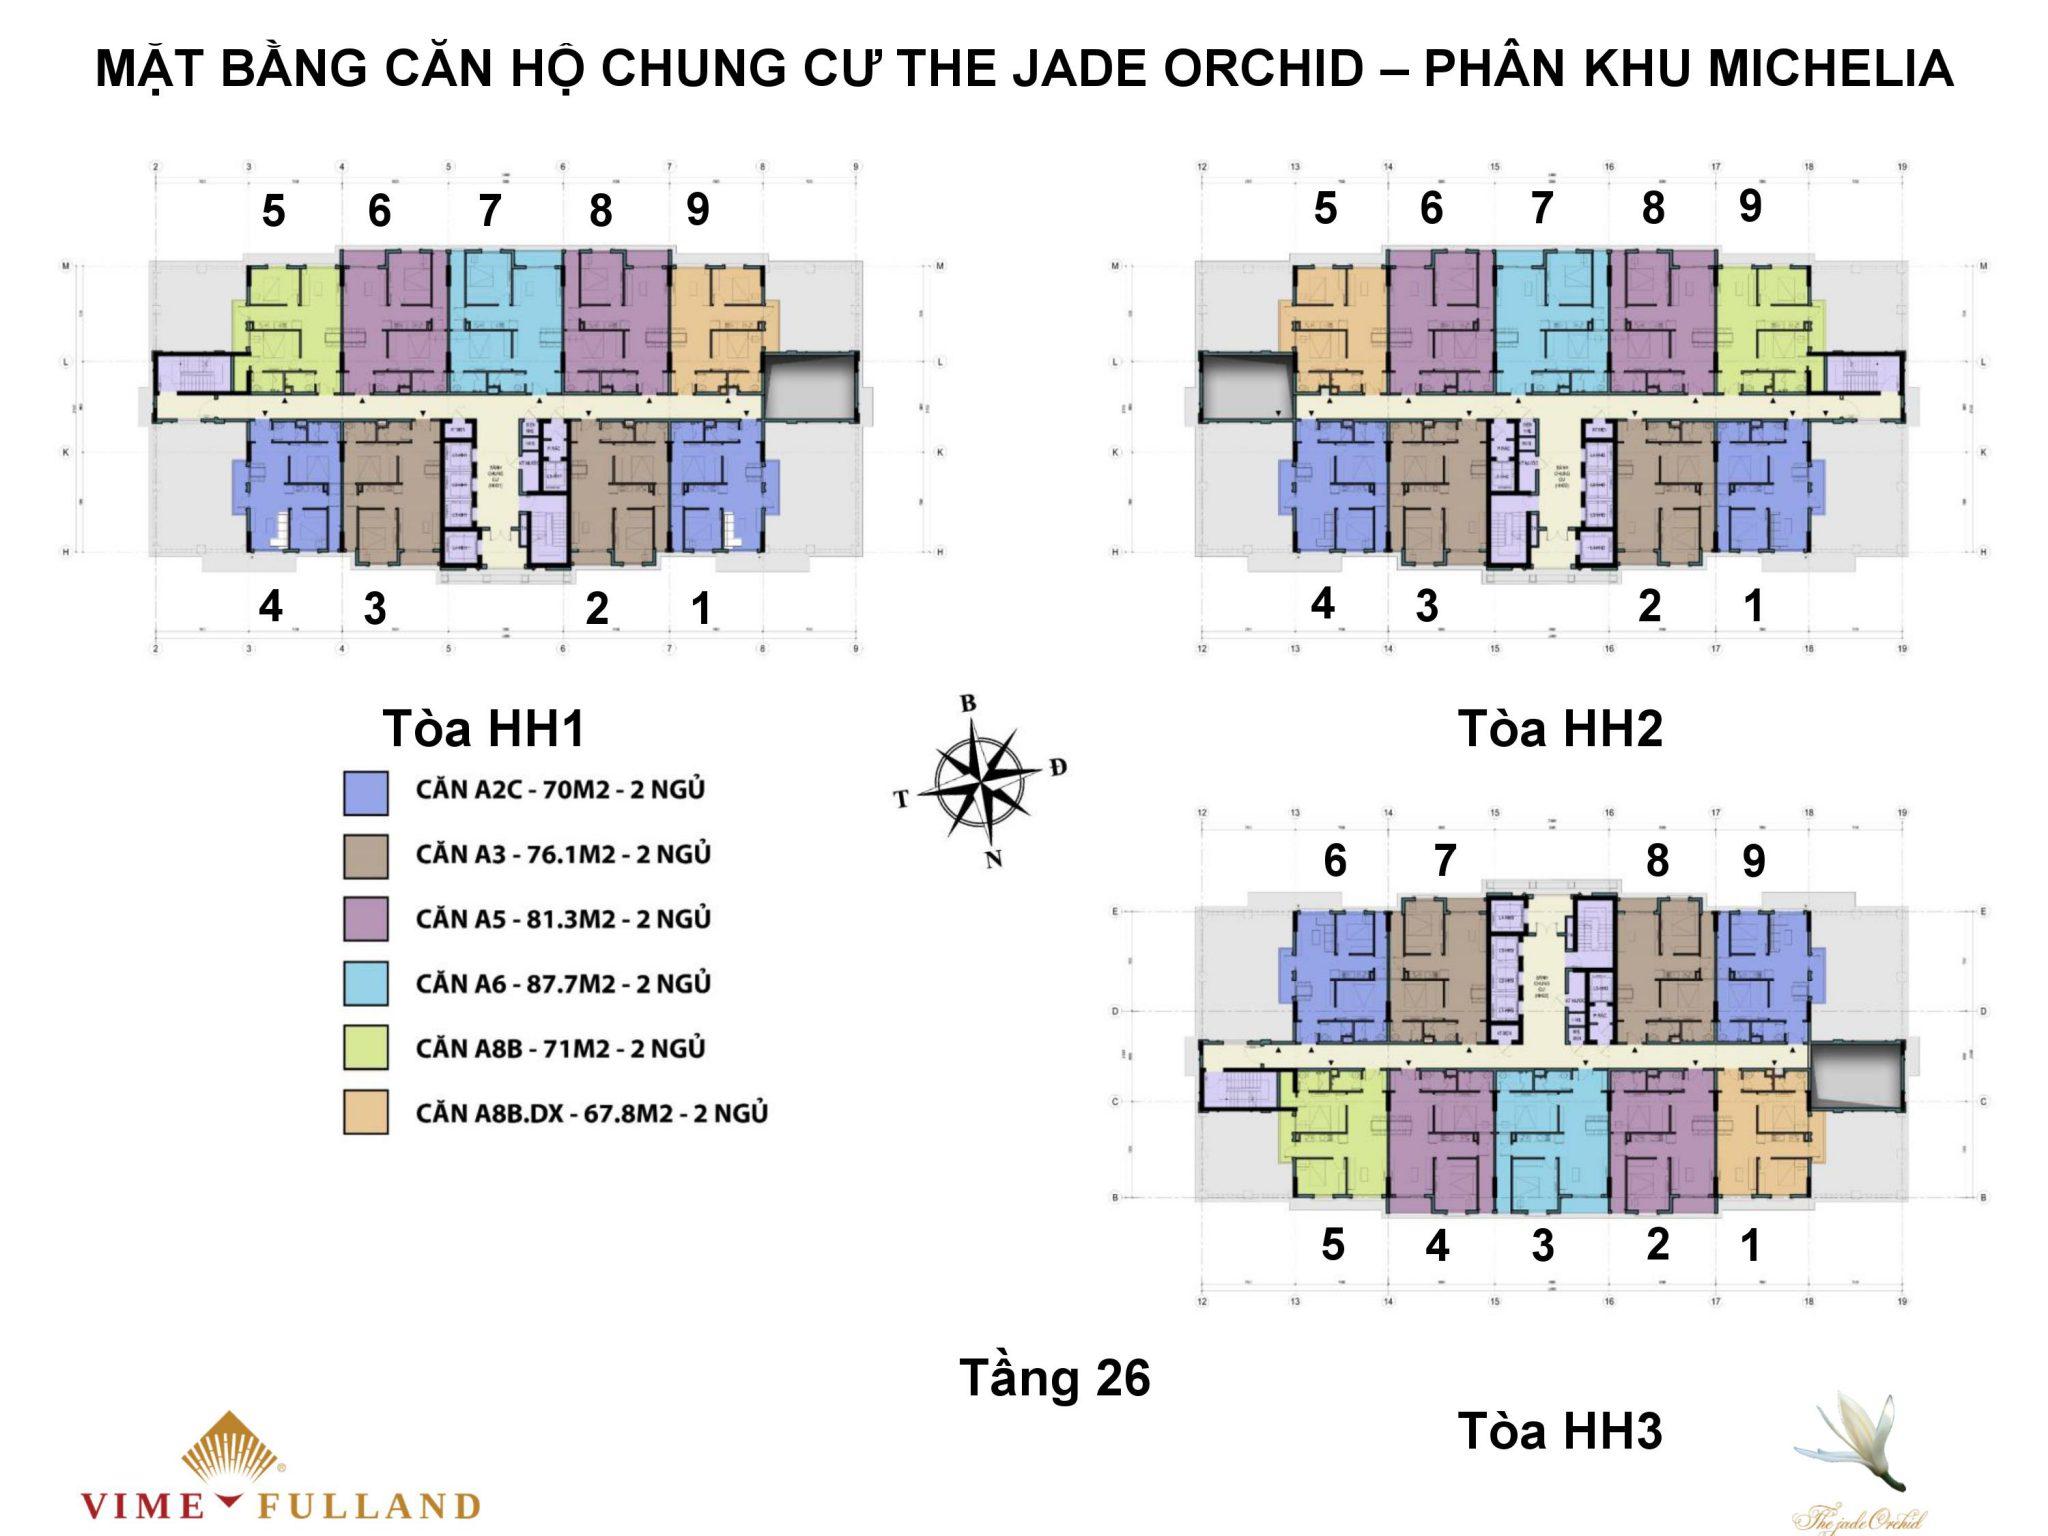 mặt bằng chung cư the jade orchi tầng 26